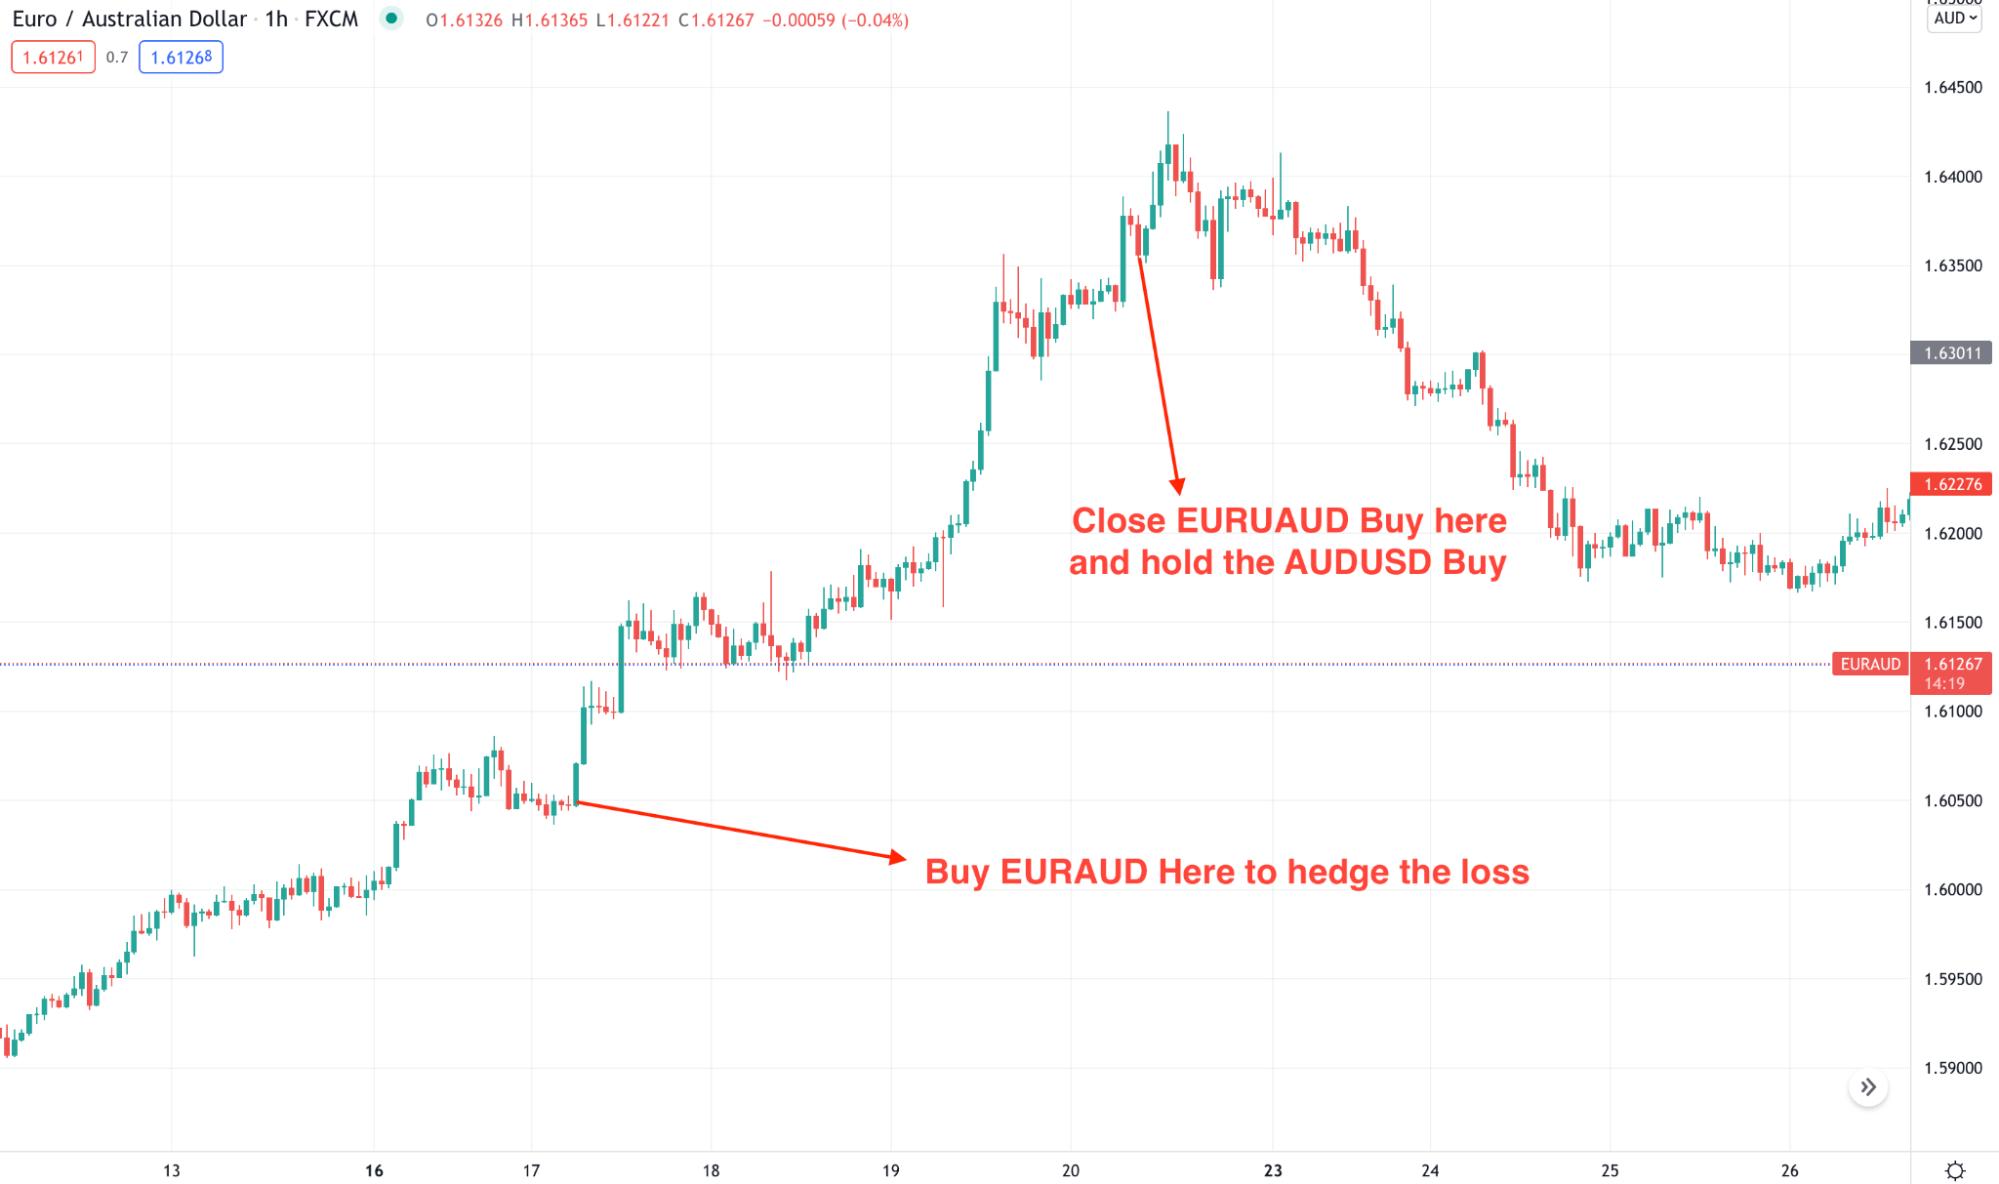 EUR/AUD H1 chart